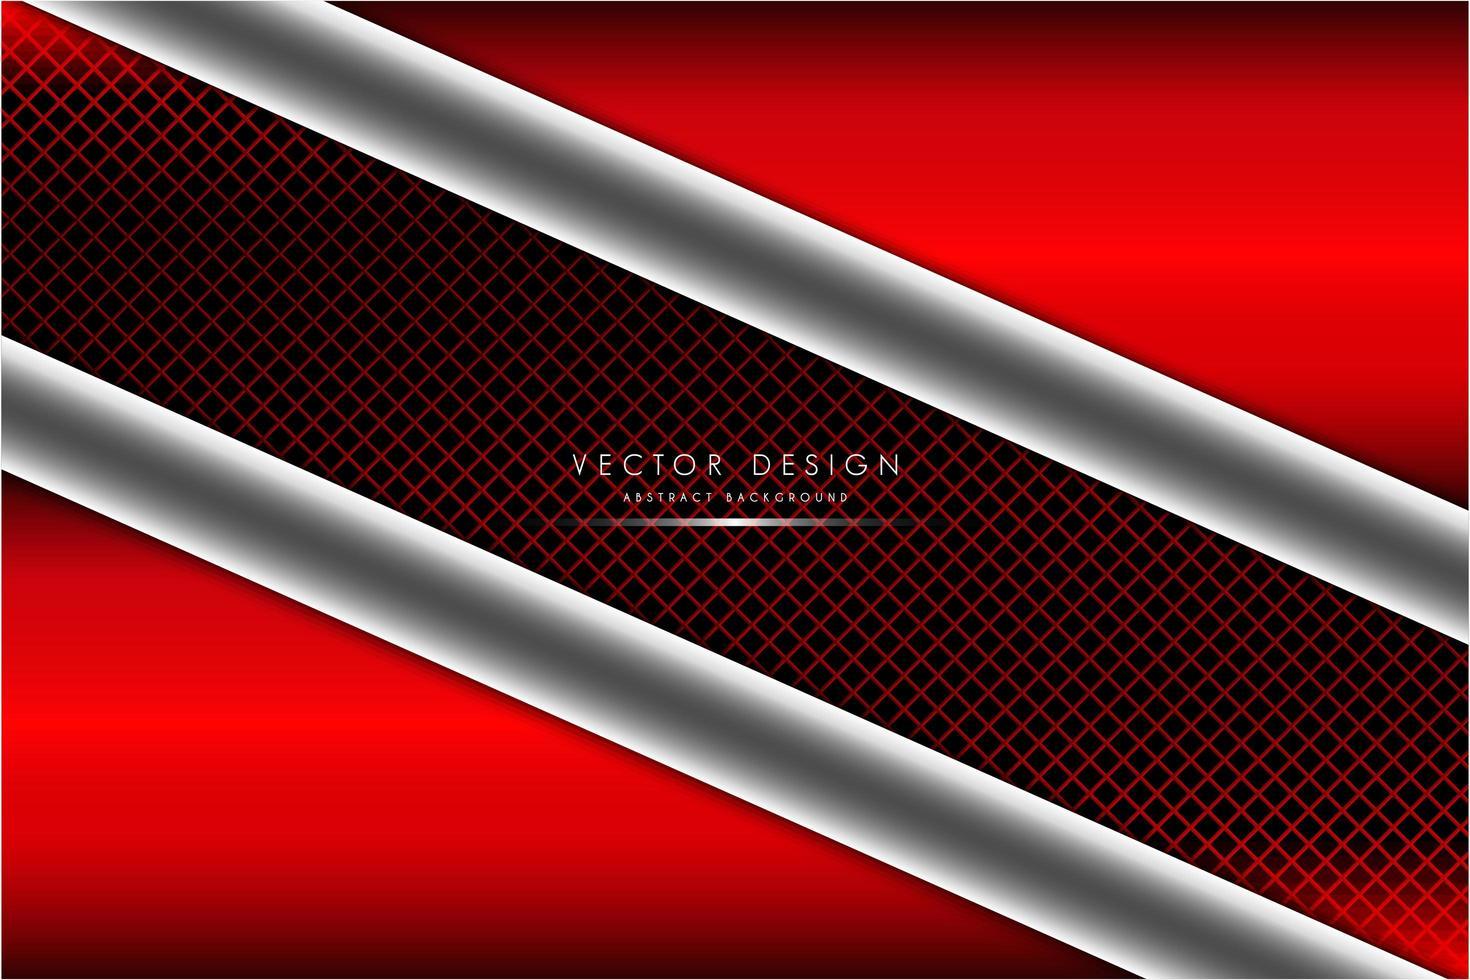 Fondo metálico rojo y plateado con fibra de carbono. vector